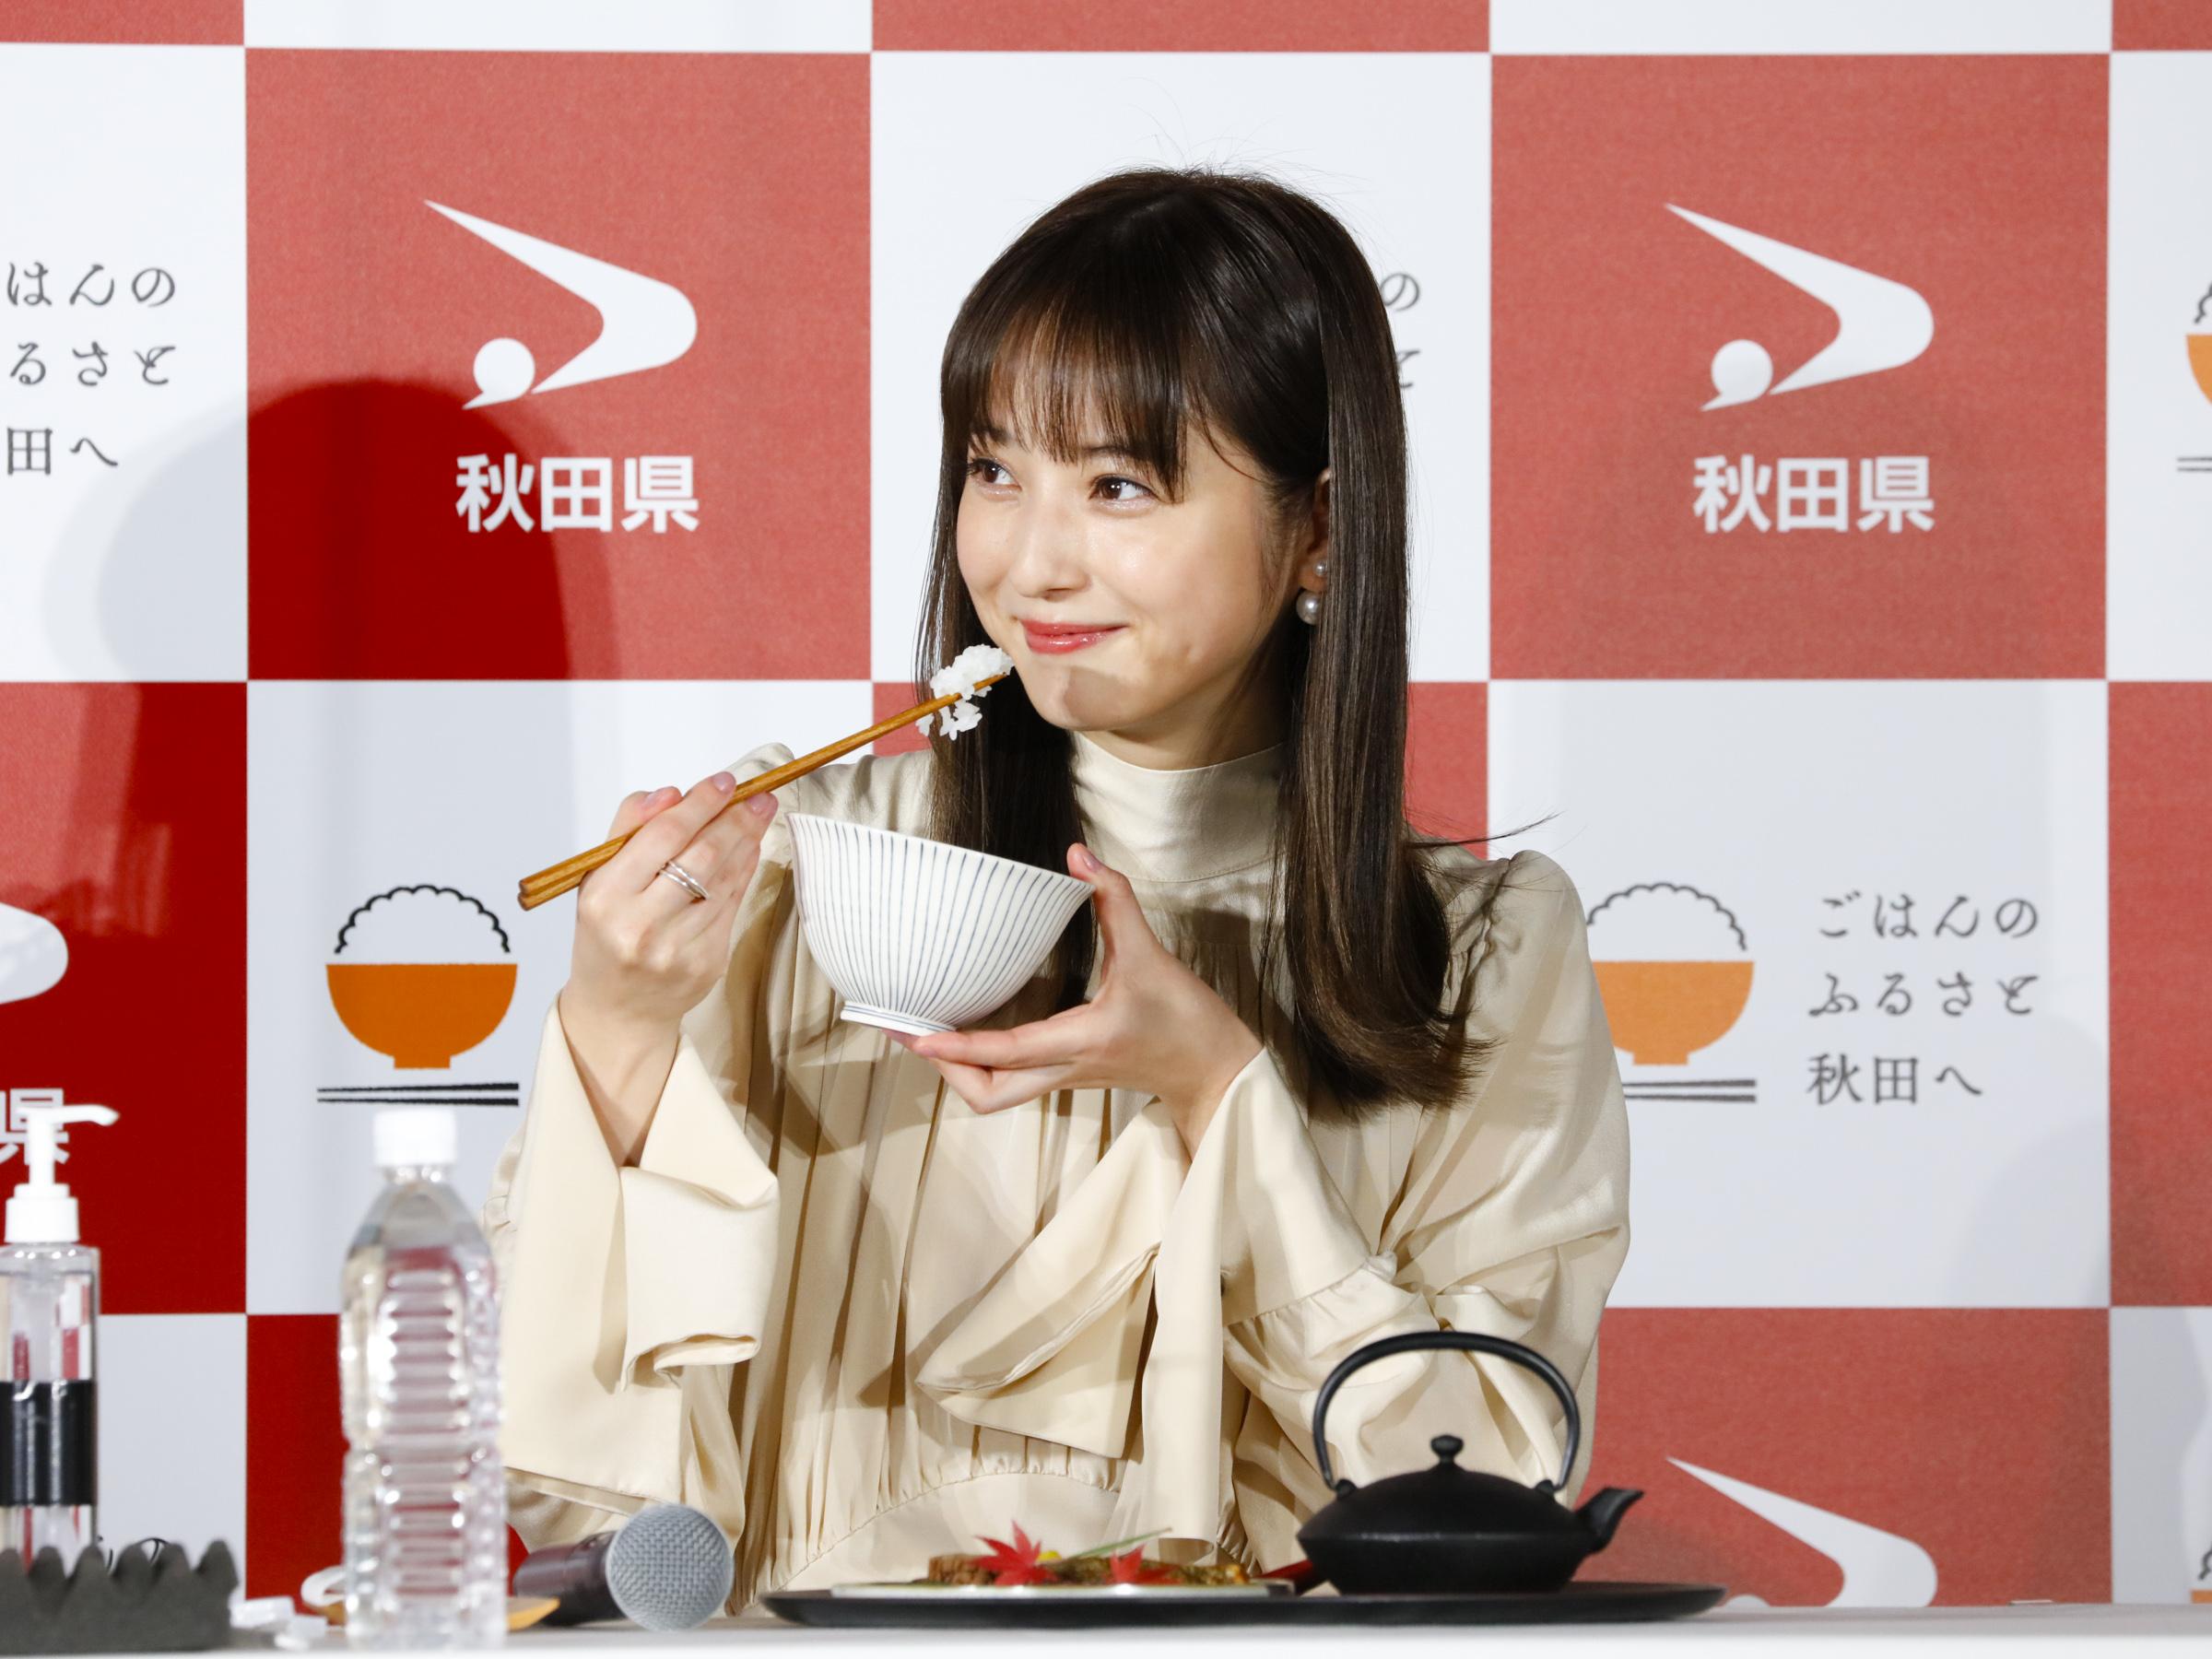 佐々木希/秋田県の新ブランド米・名称発表イベントにて(2020年11月17日)